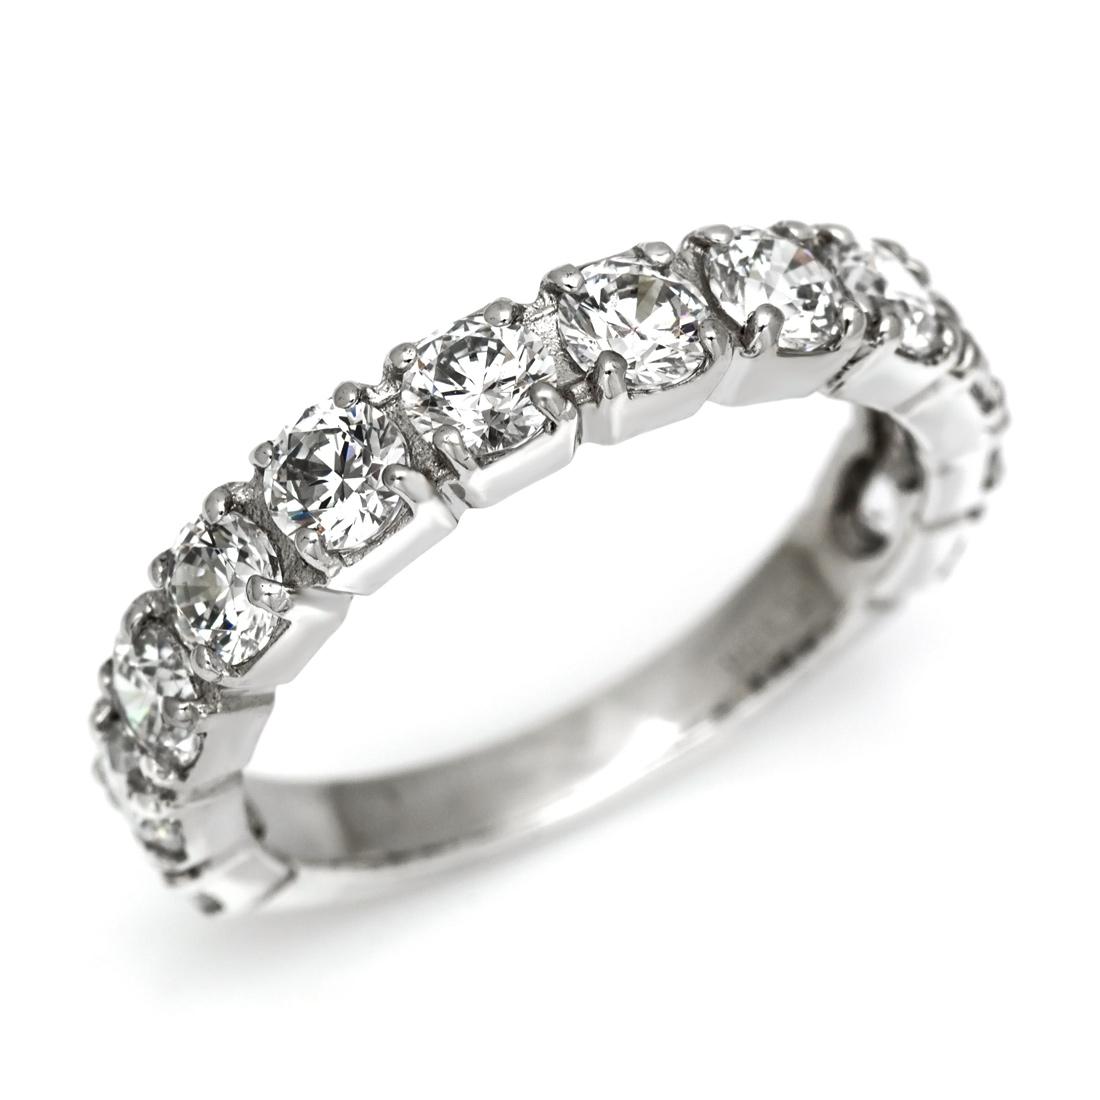 リング ダイヤモンド 1.5カラット プラチナ900